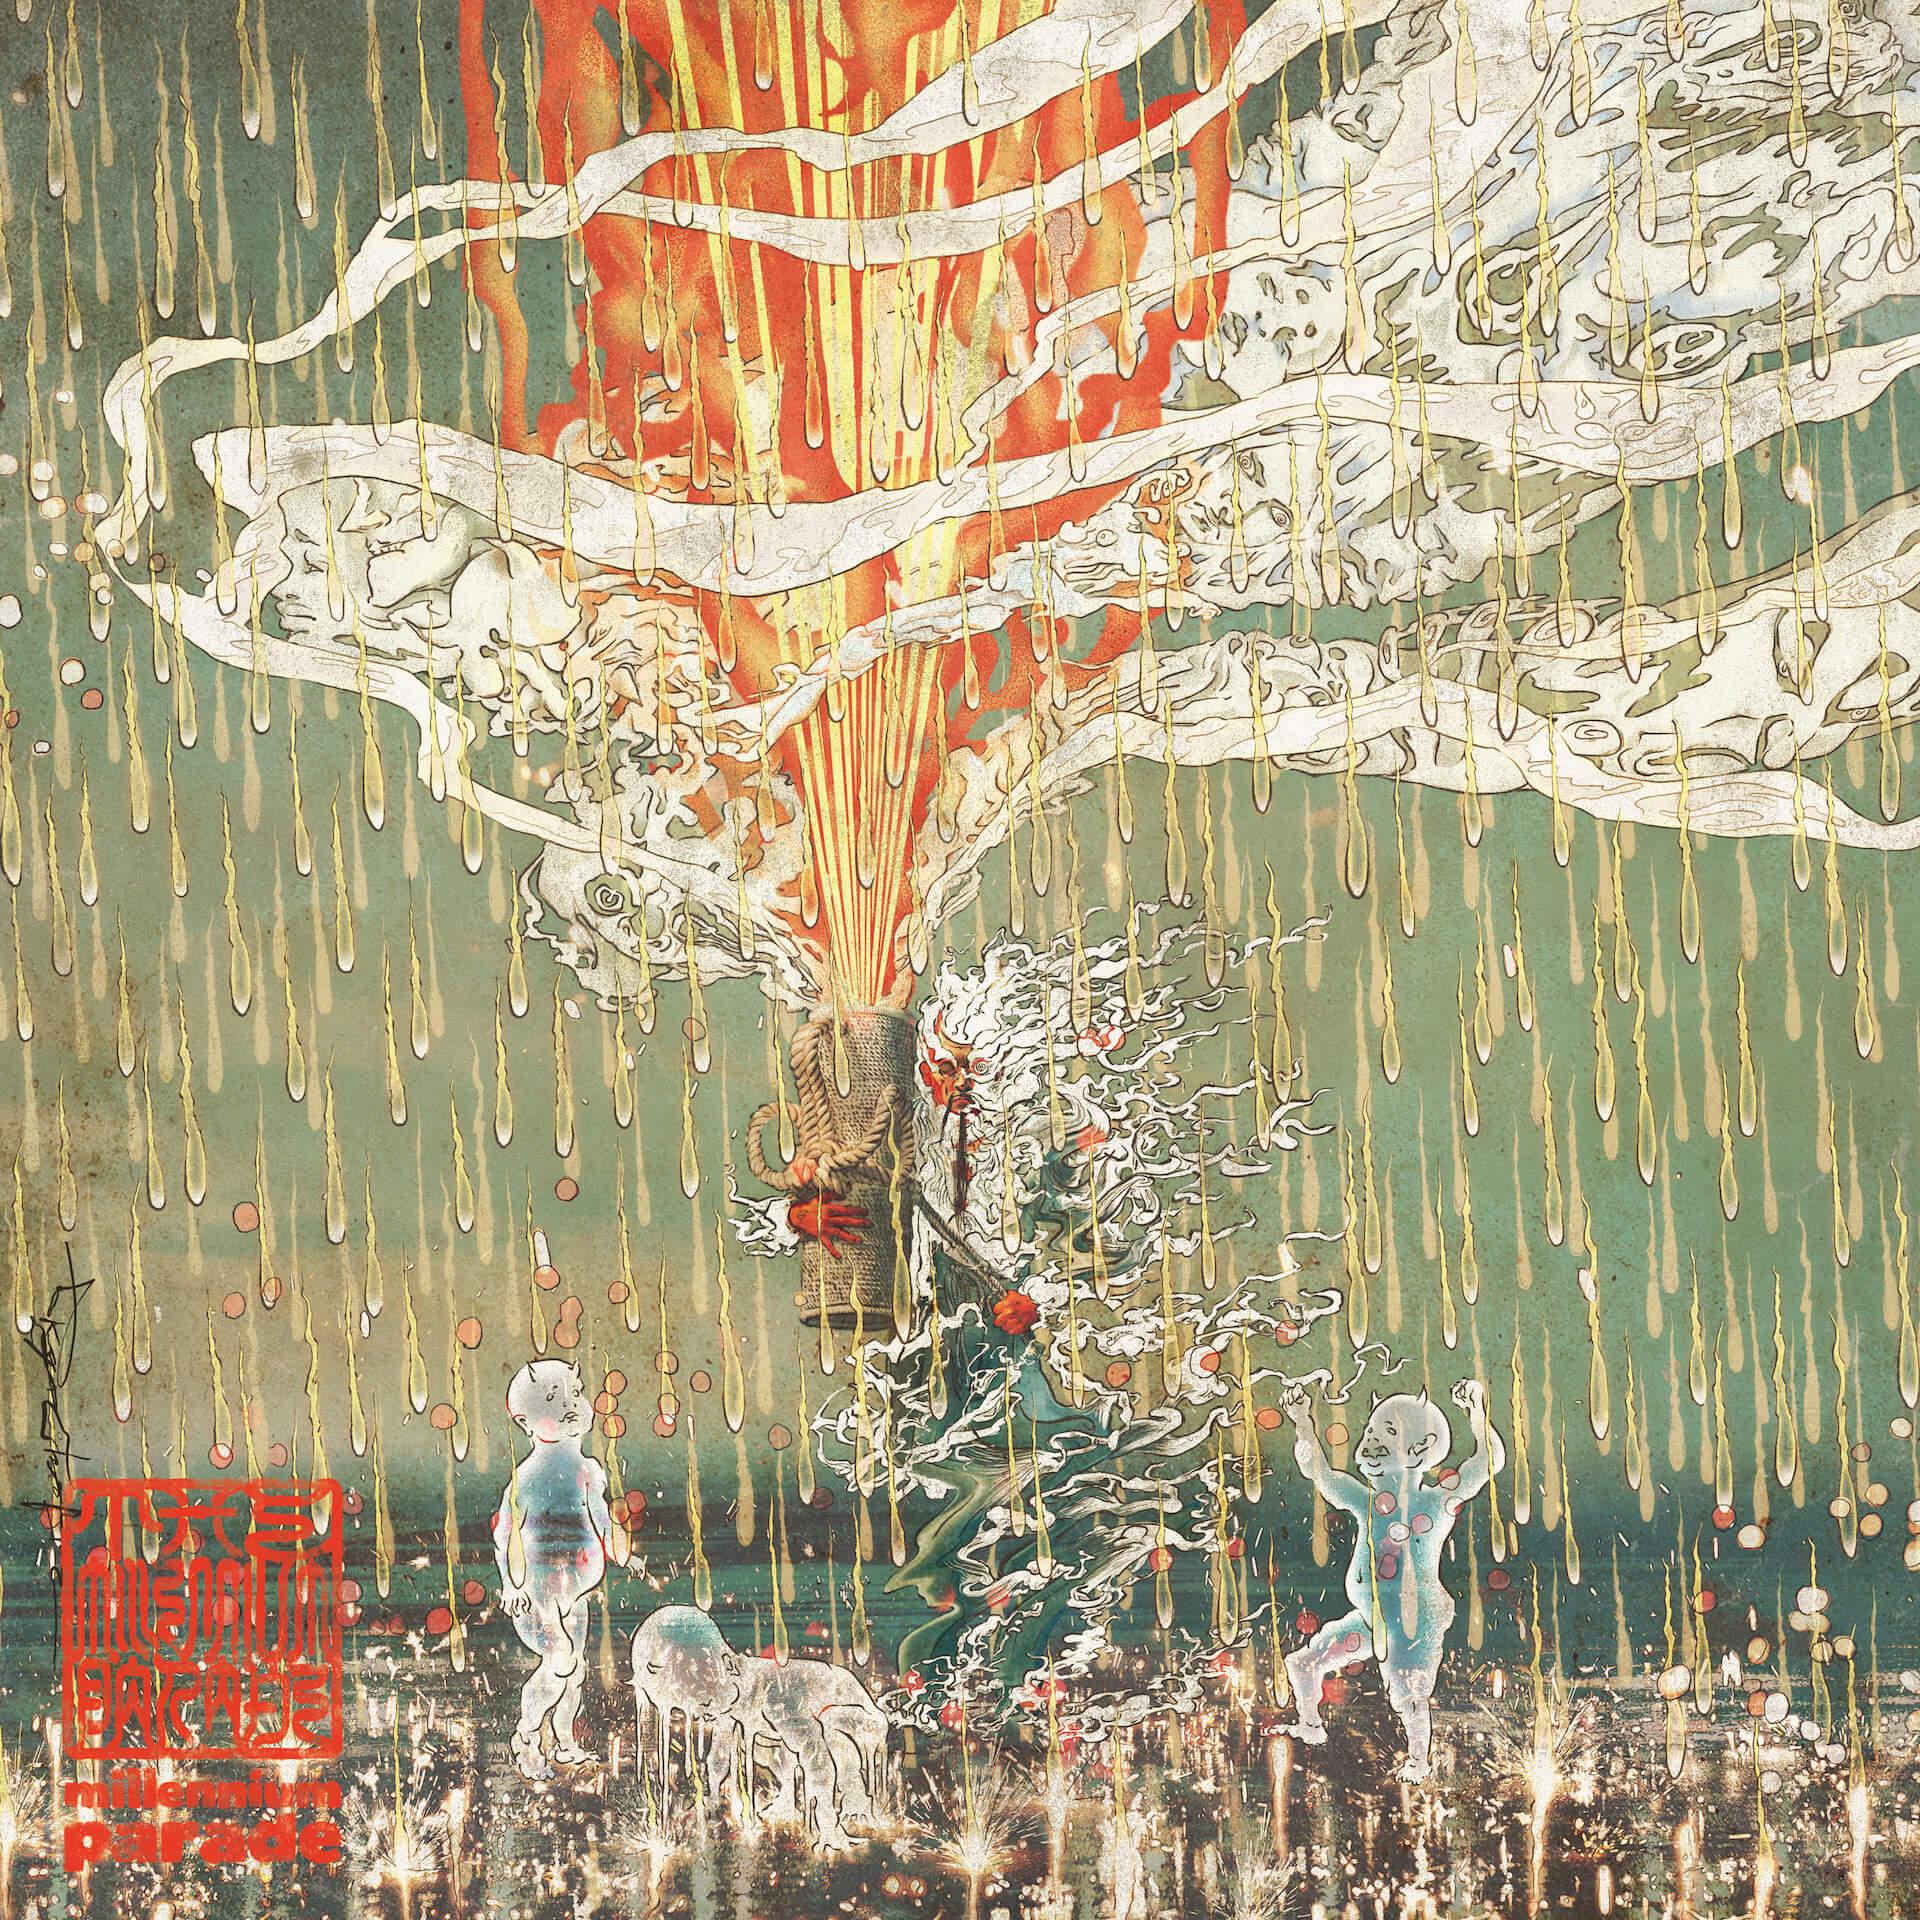 常田大希率いるmillennium paradeのデビューアルバムの特設サイト&ティーザー映像が解禁!King Gnu井口理、Friday Night Plansの参加も発表 music210204_millenniumparade_10-1